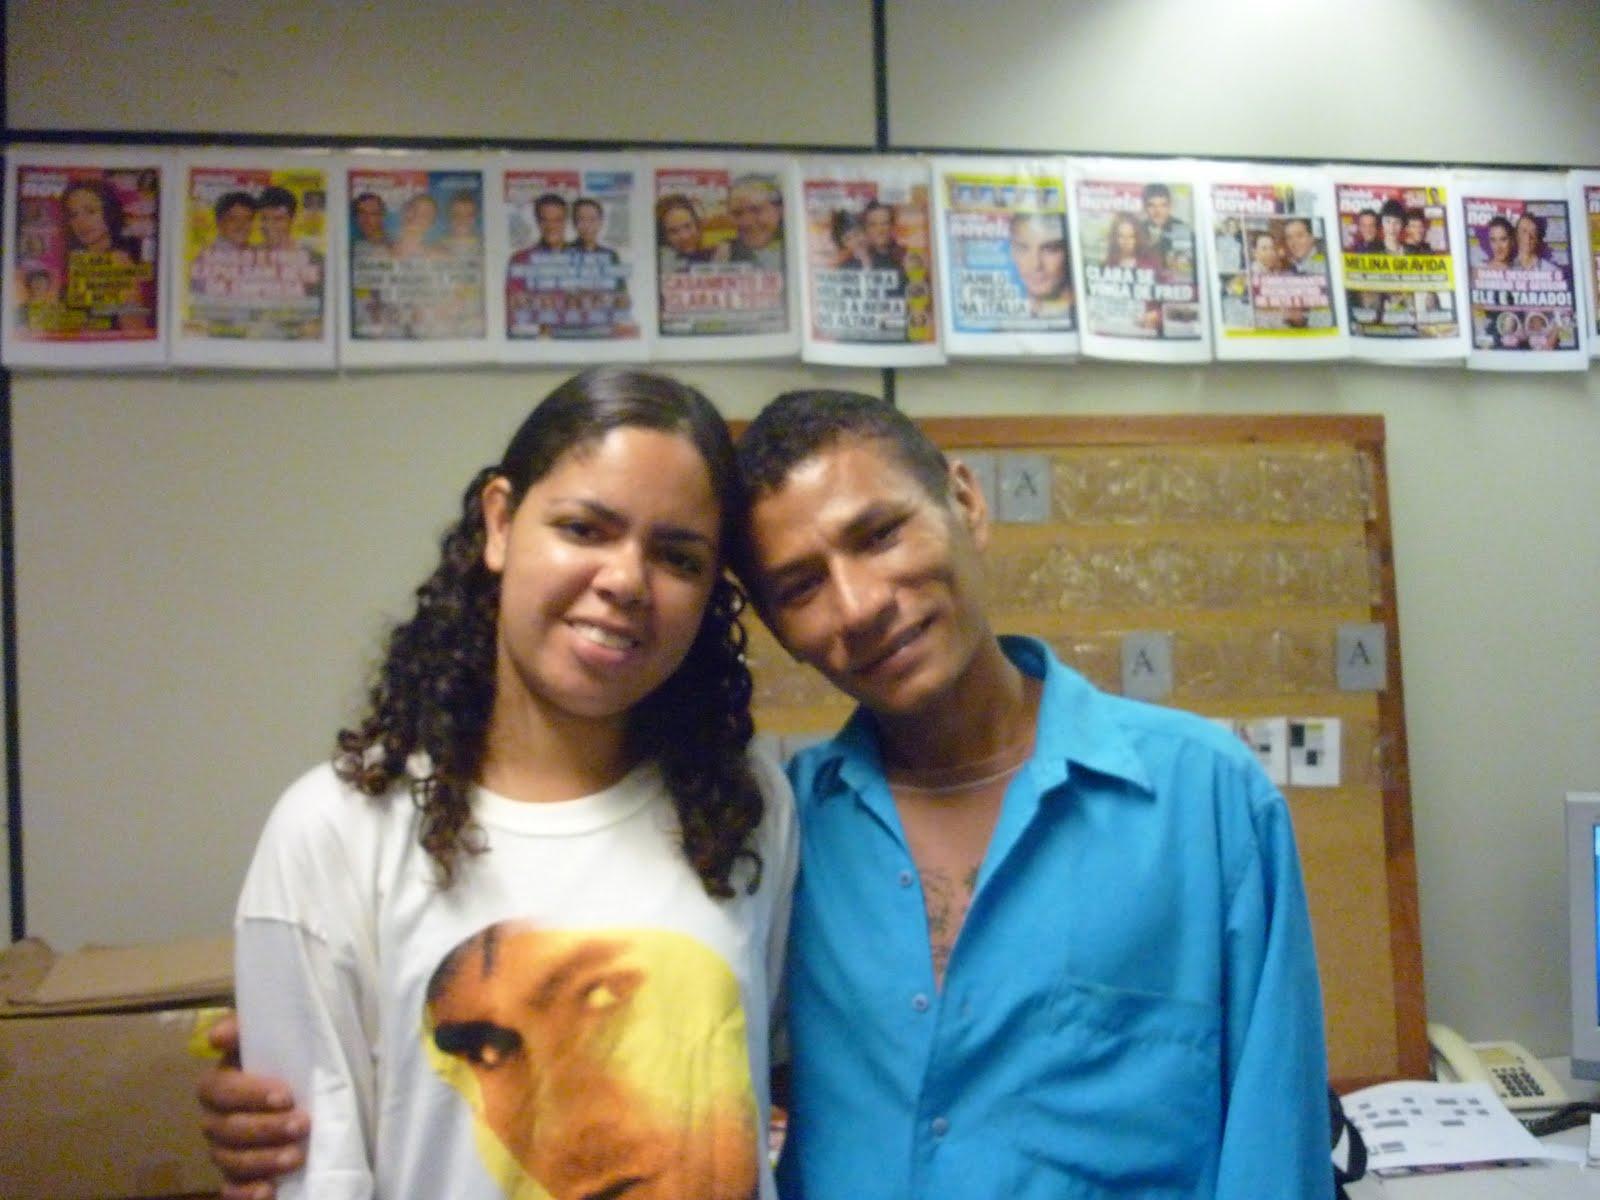 http://4.bp.blogspot.com/_wMpu2M2-mfo/THkb_IKAXrI/AAAAAAAAAGI/ivY_n2WVUZc/s1600/P1010517.JPG